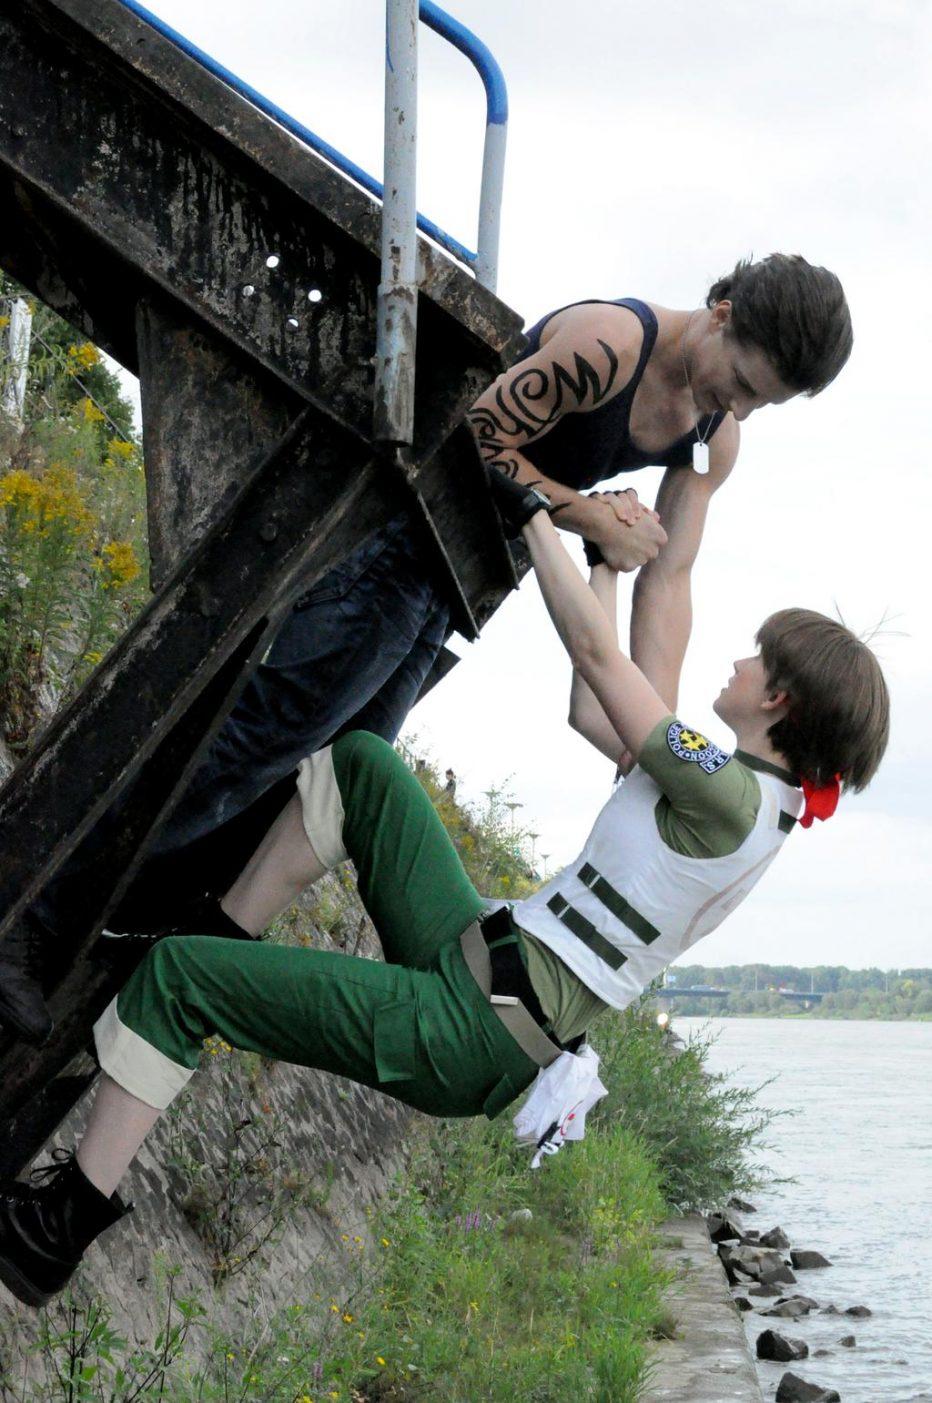 Resident-Evil-Rebecca-Chambers-Cosplay-Gamers-Heroes-1.jpg